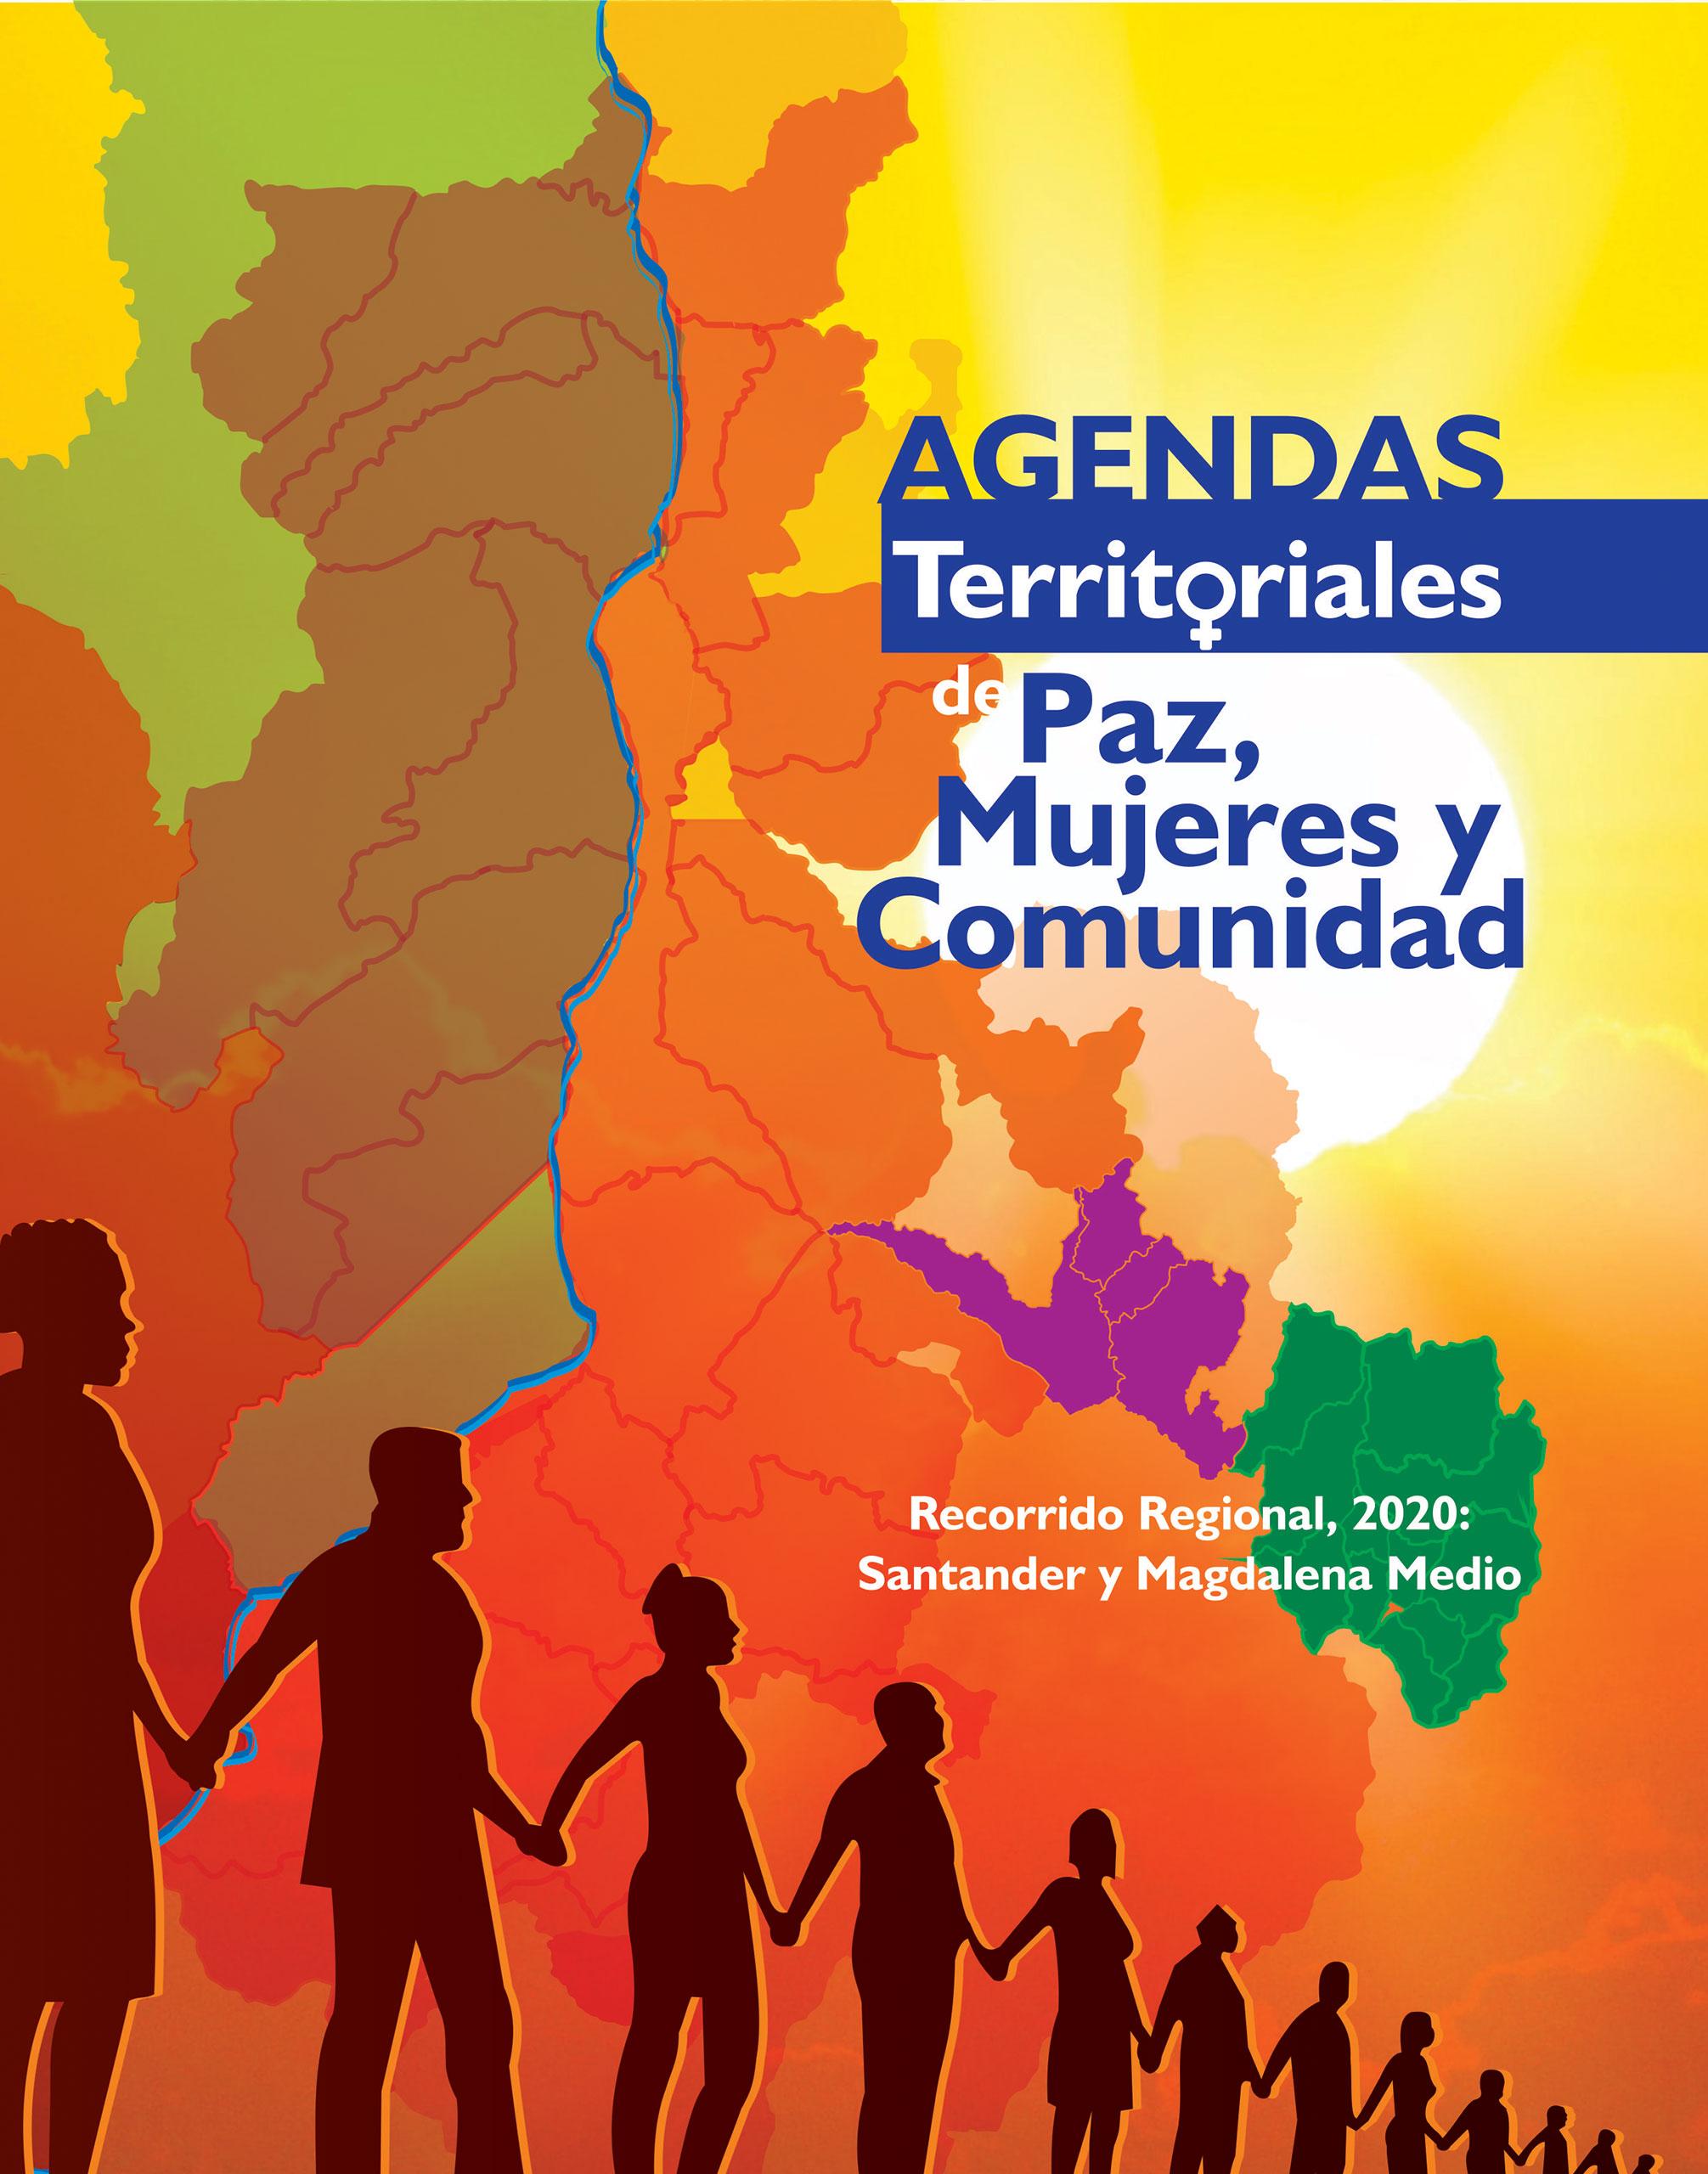 Portada_agendas